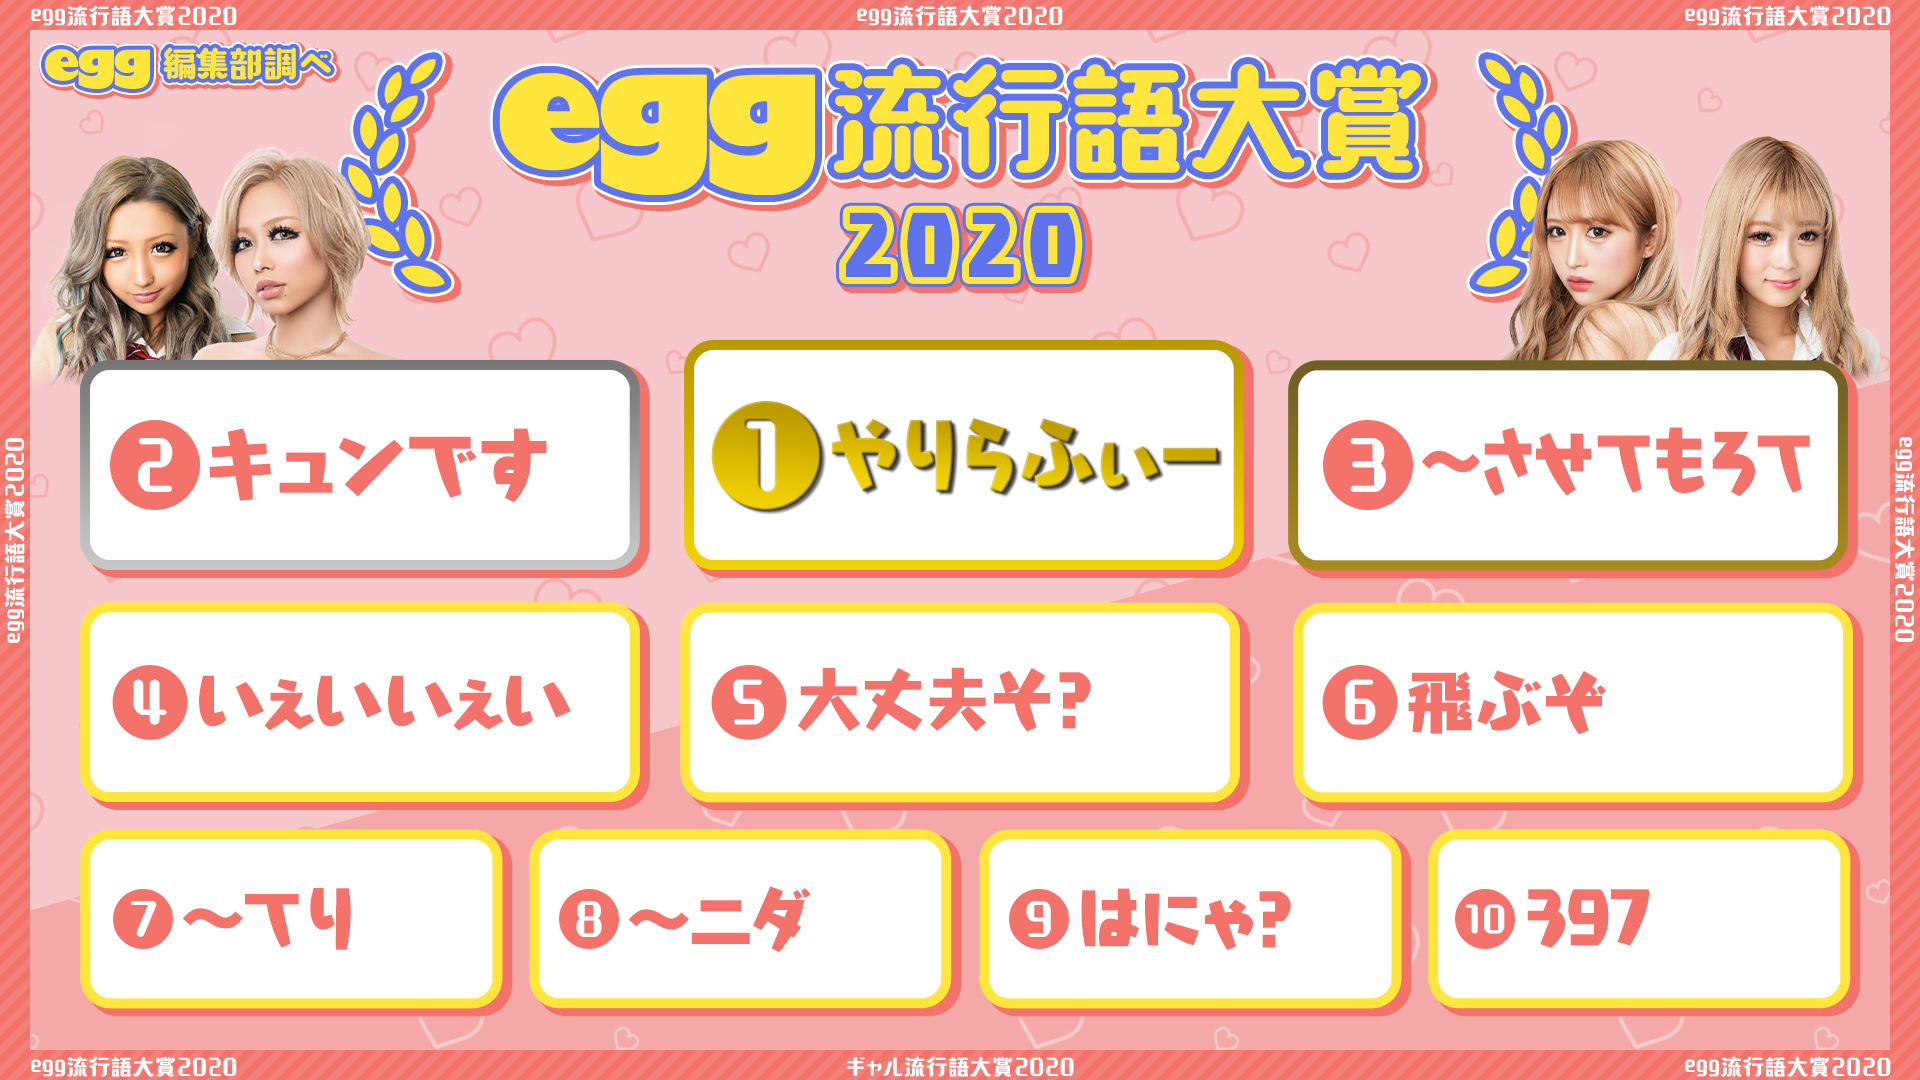 2020年egg流行語大賞第1位は『やりらふぃ〜』。|株式会社MRAのプレス ...